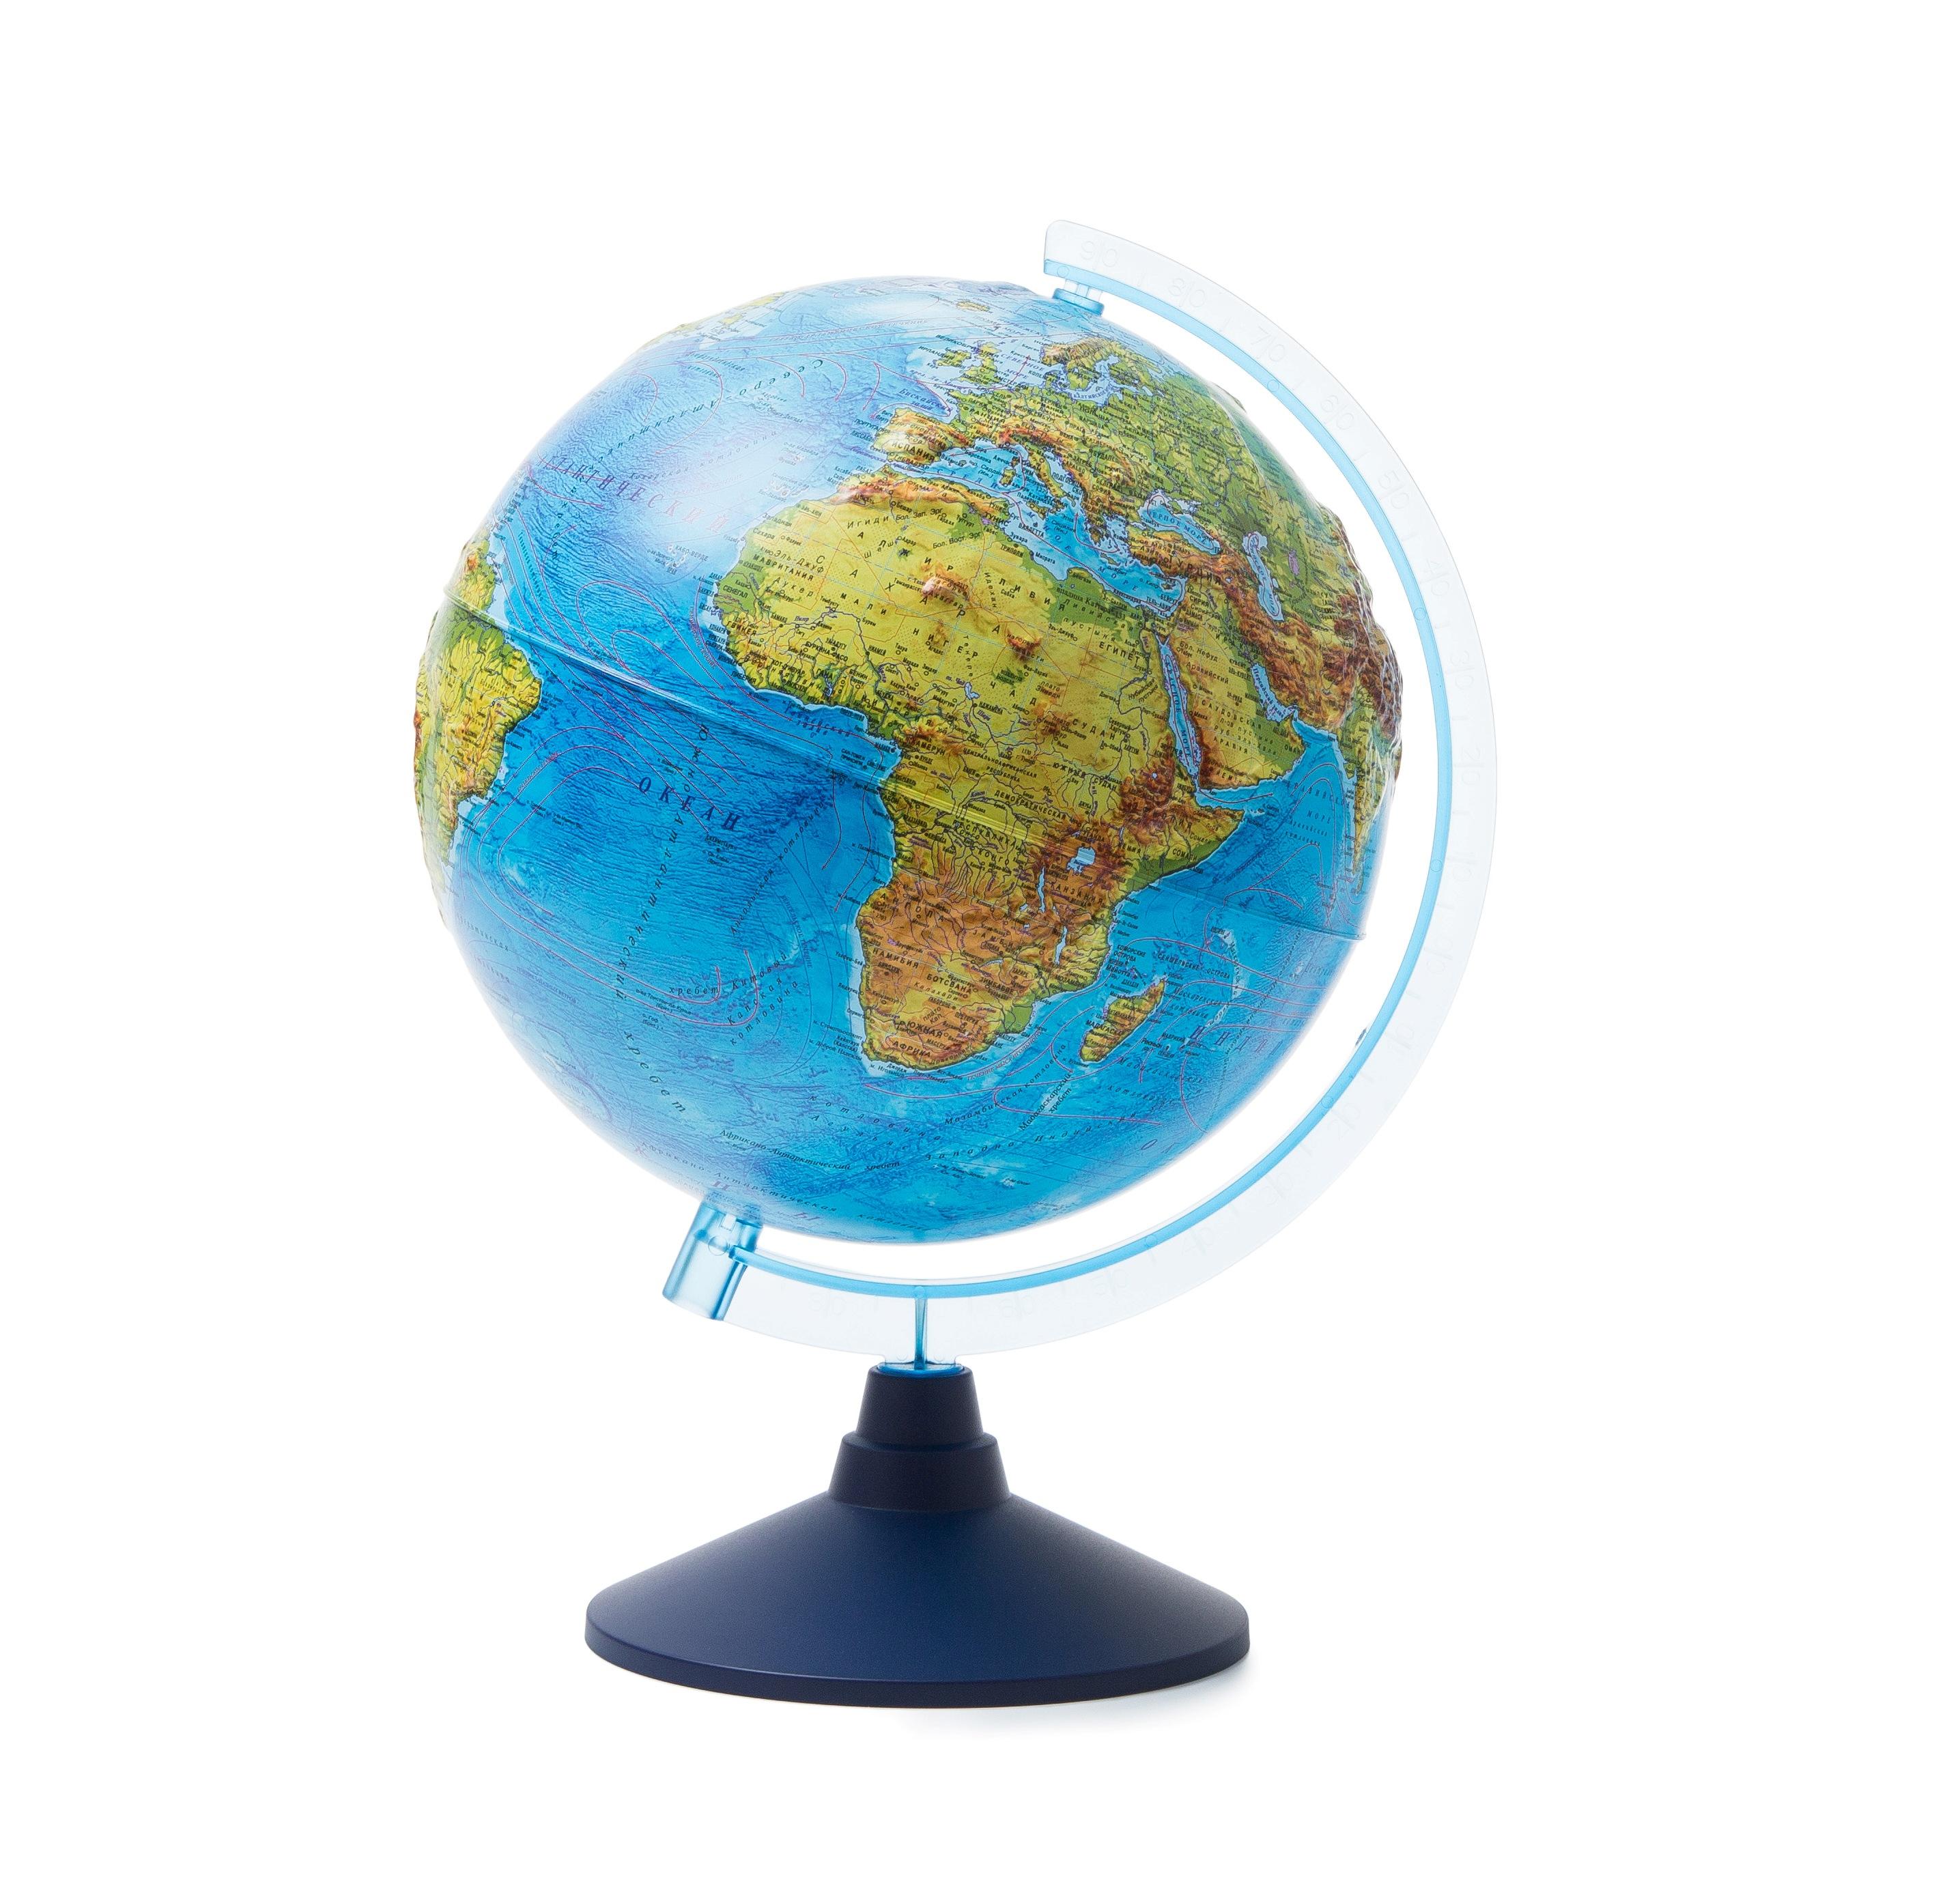 Глобус Globen Земли физический рельефный, диаметр 250 мм глобус globen физический рельефный